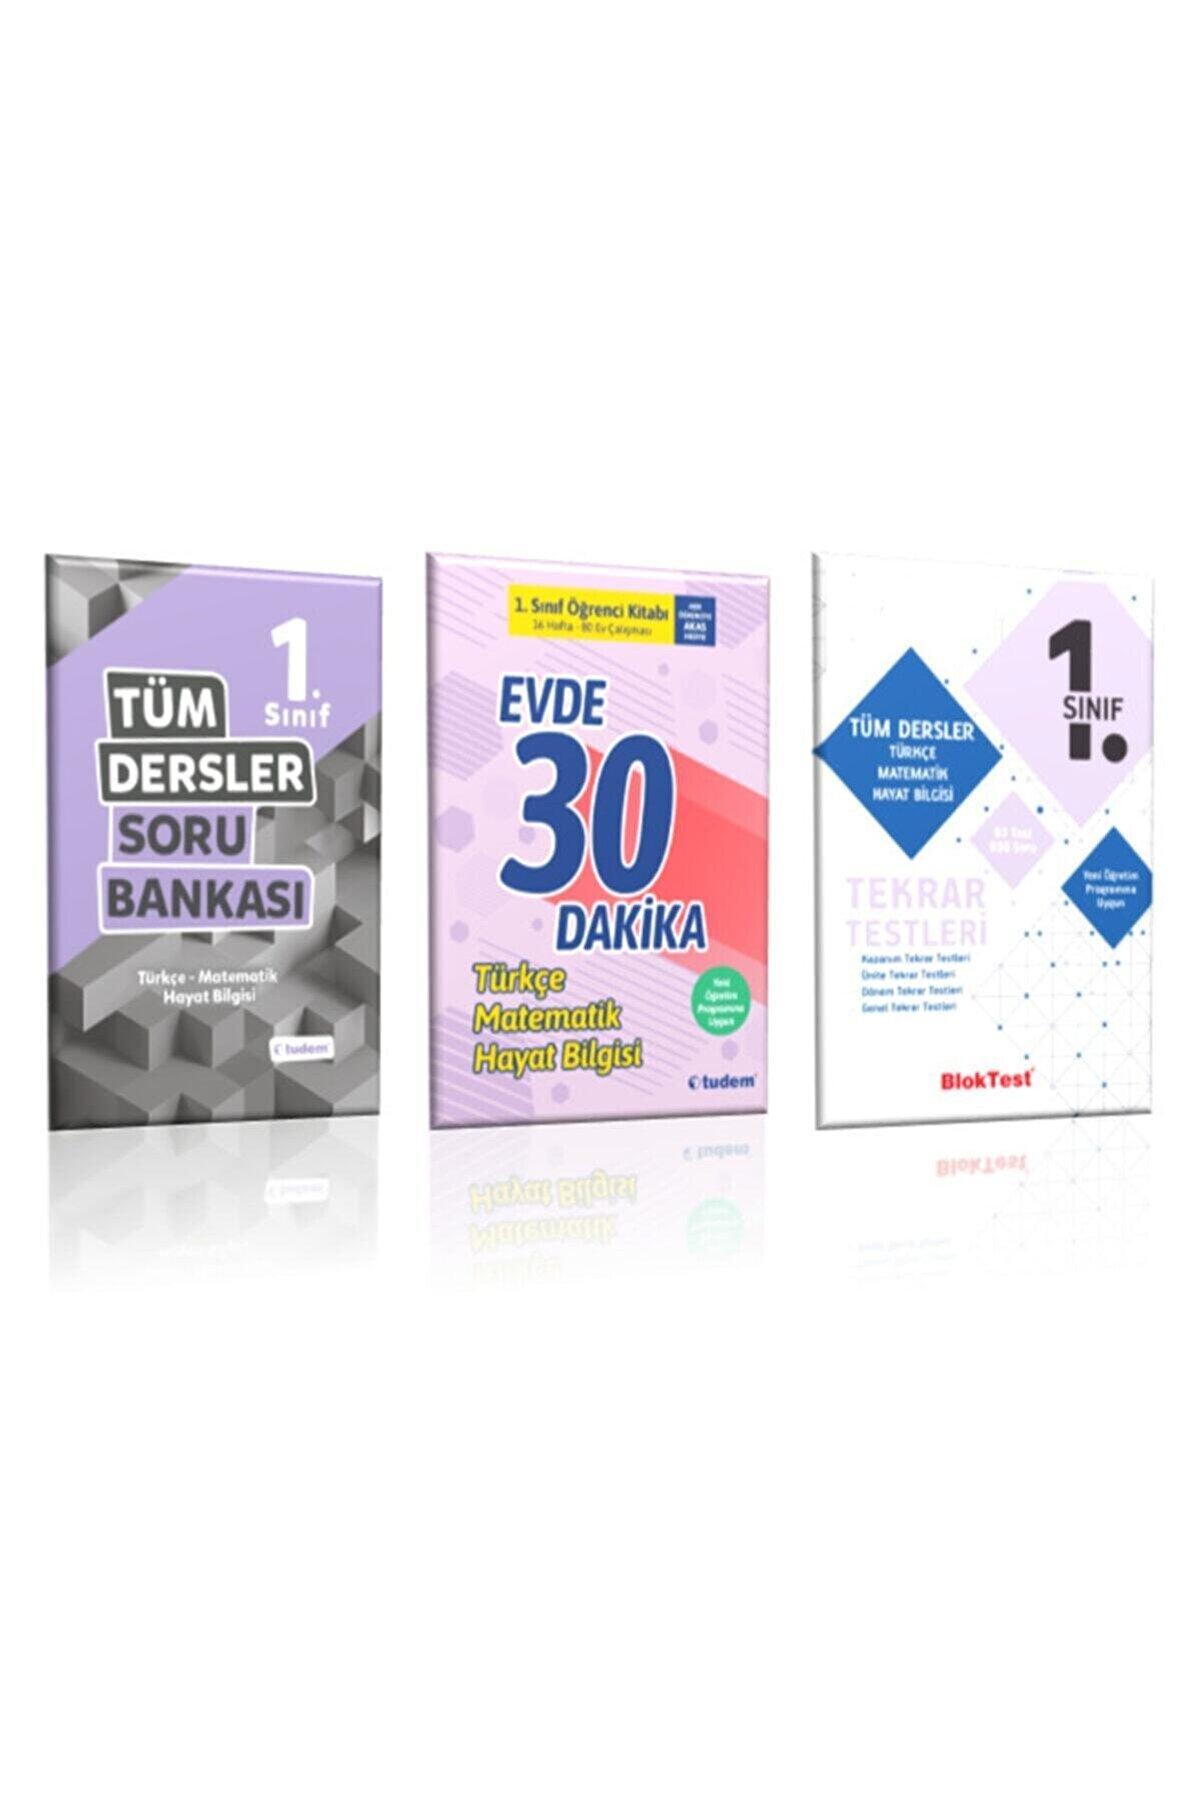 Tudem Yayınları 1 Sınıf Tüm Dersler ( Tüm Dersler Soru Bankası , Evde 30 Dk. Ve Tekrar Testleri) 3 Kitap Takım